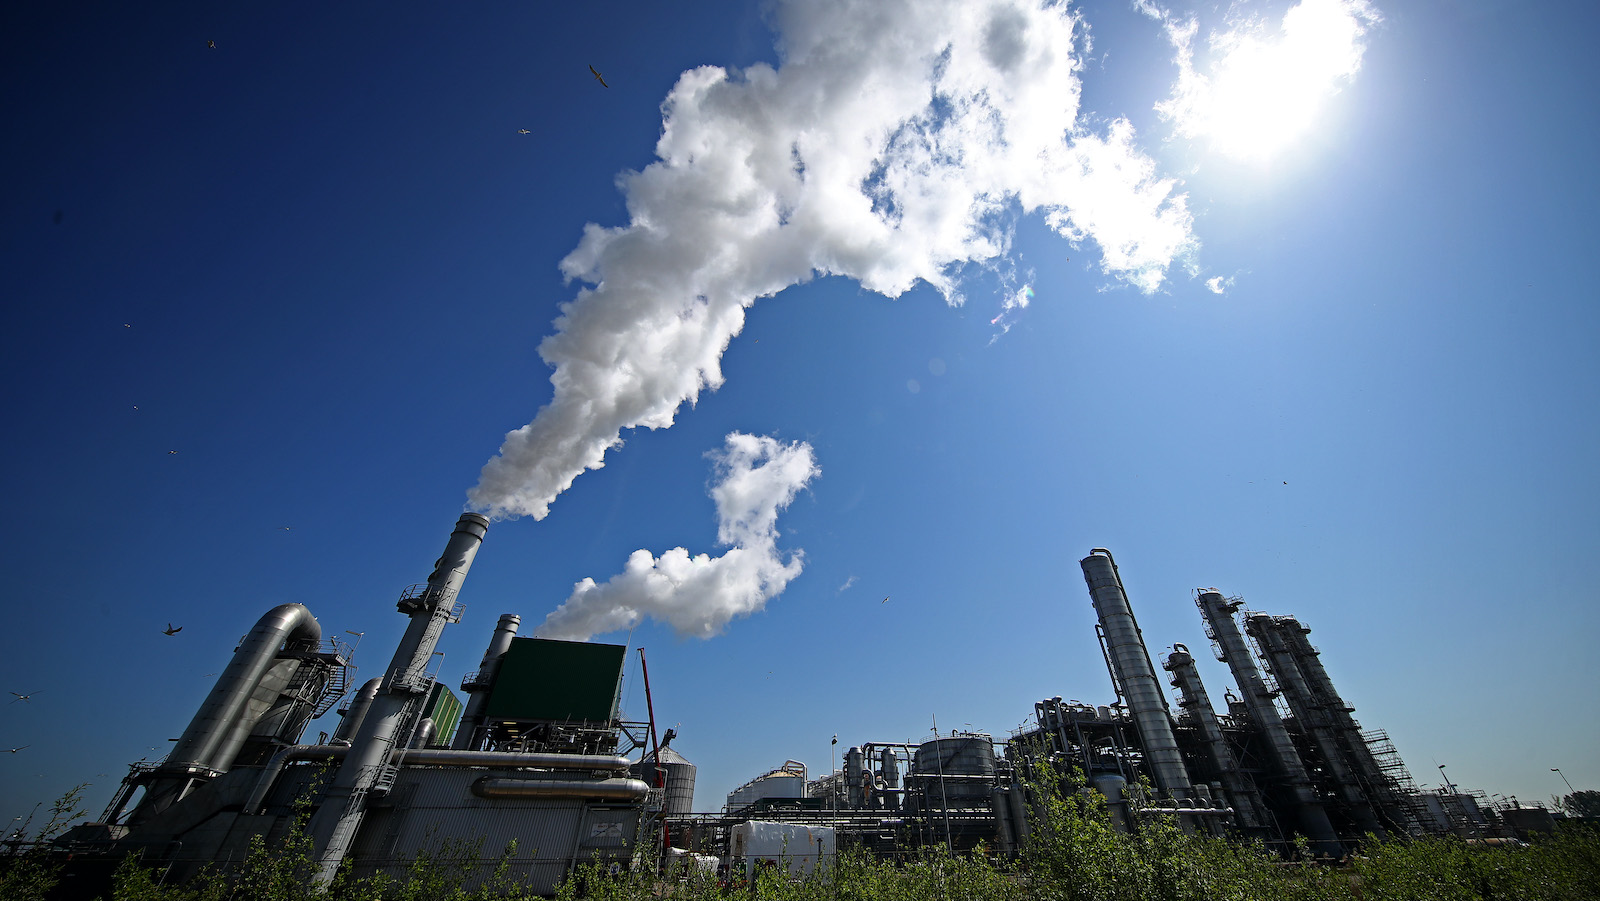 An oil refinery billows smoke.